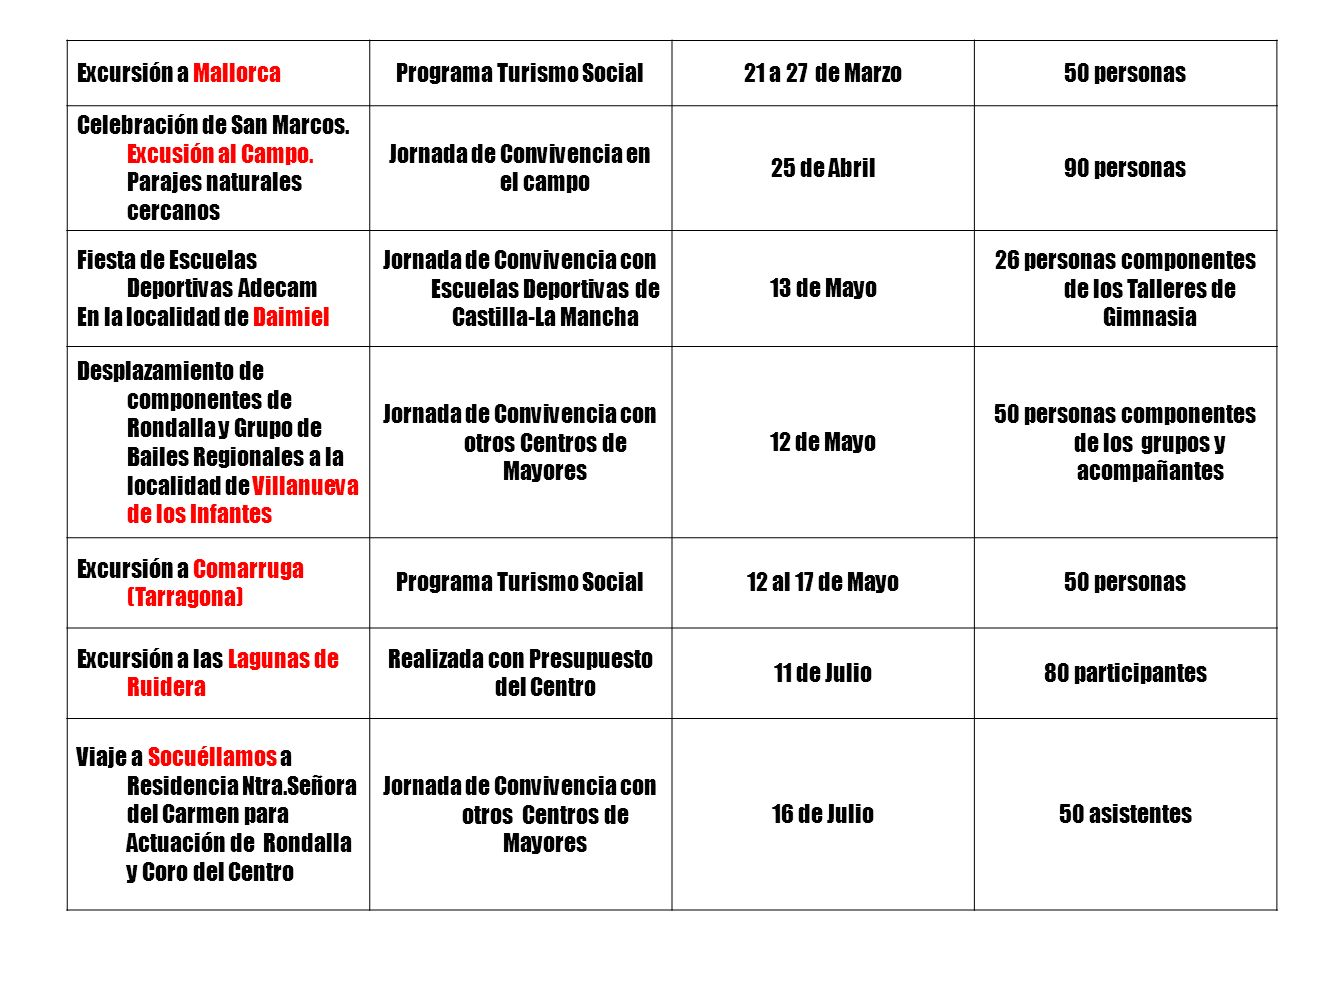 ANEXO I MEMORIA –RESUMEN DE LAS ACTIVIDADES REALIZADAS EN EL CENTRO DE MAYORES DE LA SOLANA EN EL AÑO 2006 EXCURSIONES y VIAJES REALIZADOS Modalidad de ViajeFecha de realizaciónNúmero de Participantes Actuación del Grupo de Rondalla y Bailes Regionales en la localidad de Membrilla (C.Real) Intercambio con otros Centros de Mayores 14 de Febrero Componentes y Acompañantes: 50 Asistencia de miembros del Consejo de Mayores a Toledo para presentación del Programa Turismo Social 2006 Invitación a Representantes de Instituciones 9 de Marzo10 componentes del Consejo Excursión a Guardamar de Segura ( Alicante) Programa Turismo Social12 al 17 de Marzo100 personas